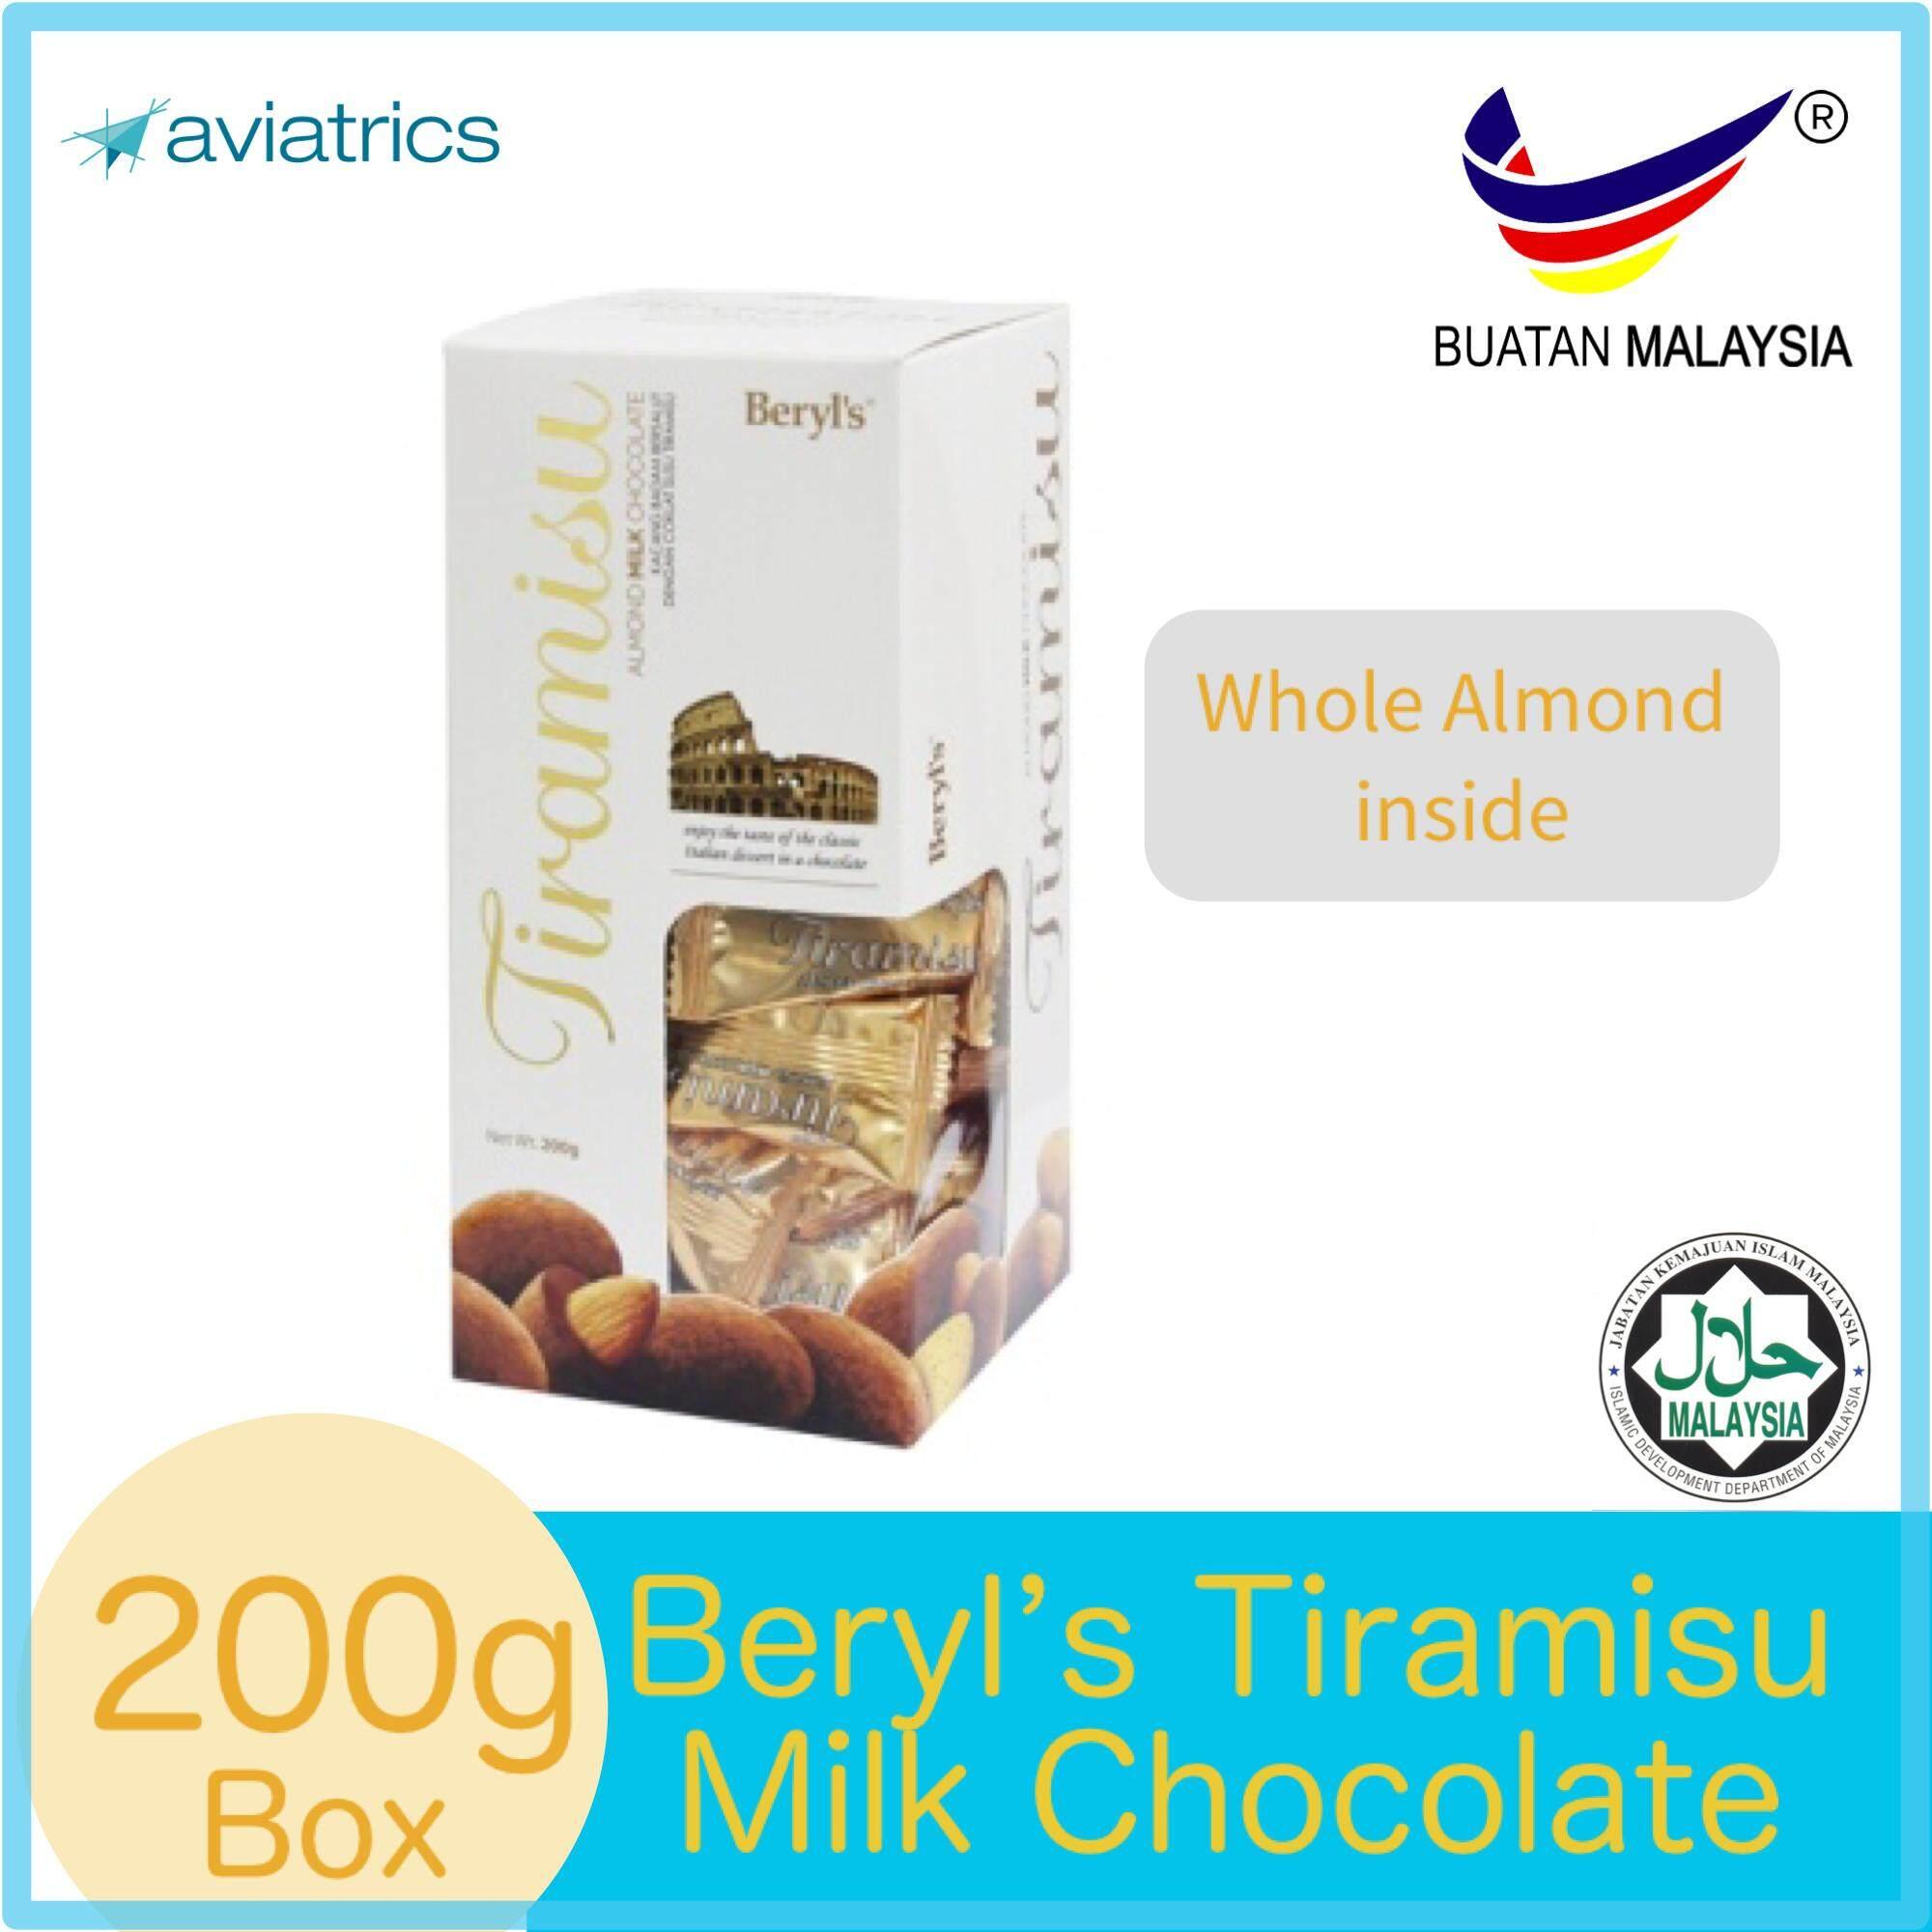 Beryl's Tiramisu Almond Milk Chocolate 200g (Made in Malaysia)